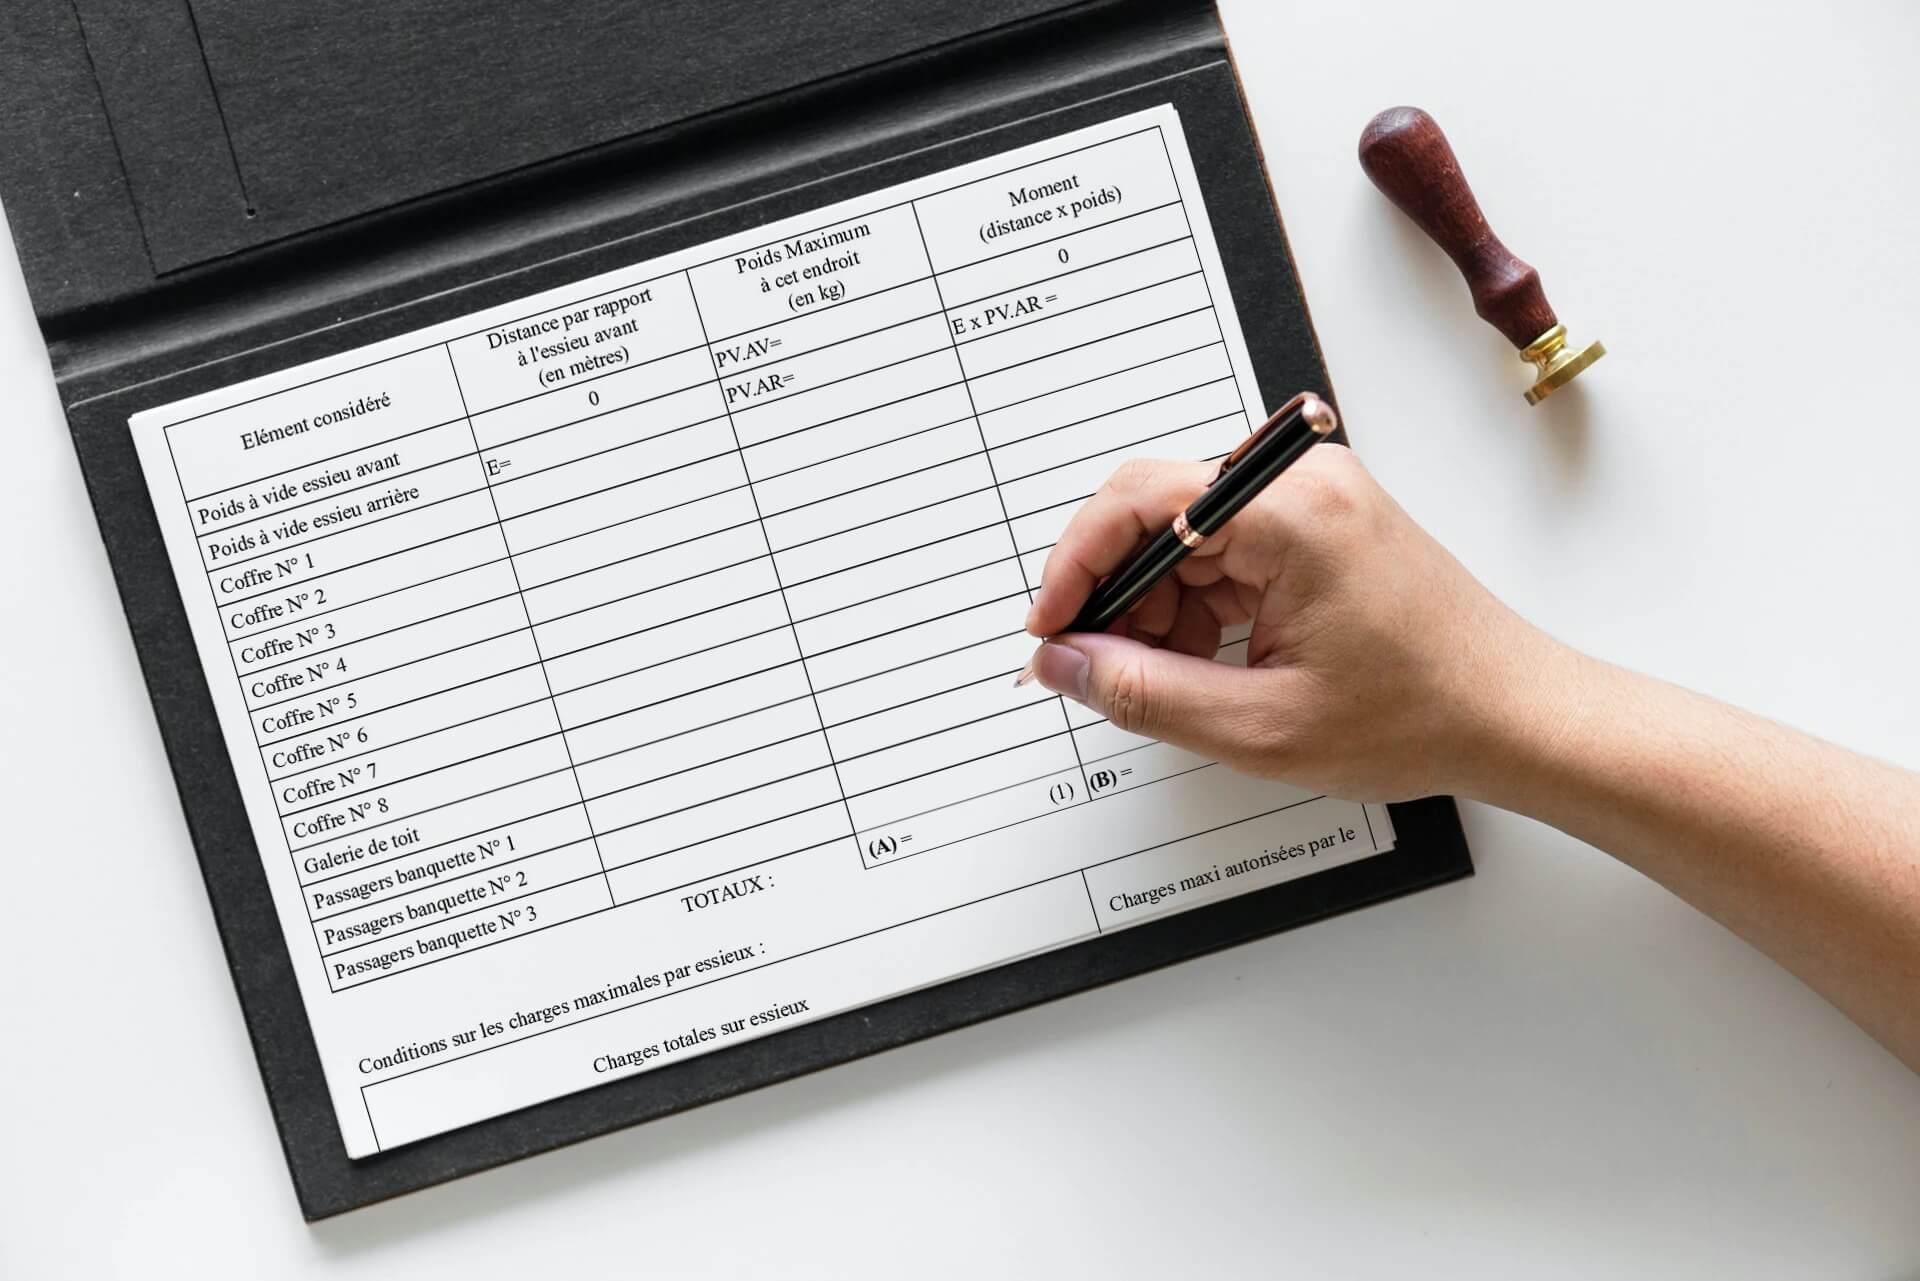 Répartition des charges, tableau calcul vasp